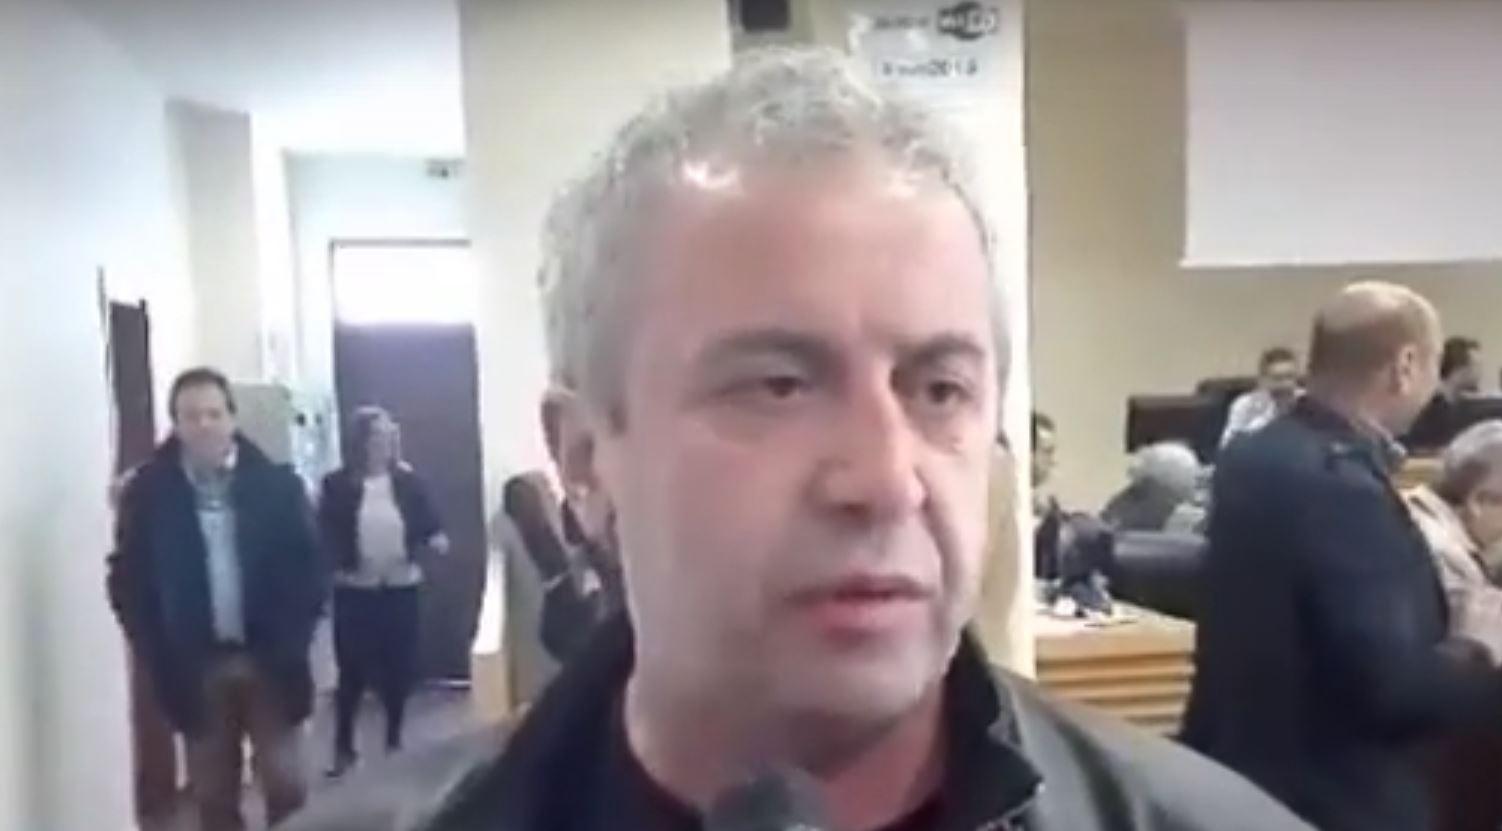 Ο Δήμος Κοζάνης, ΚΑΛΕΙ τους ενδιαφερόμενους εργολήπτες Δημοσίων Έργων που επιθυμούν να εγγραφούν στους καταλόγους εργοληπτών